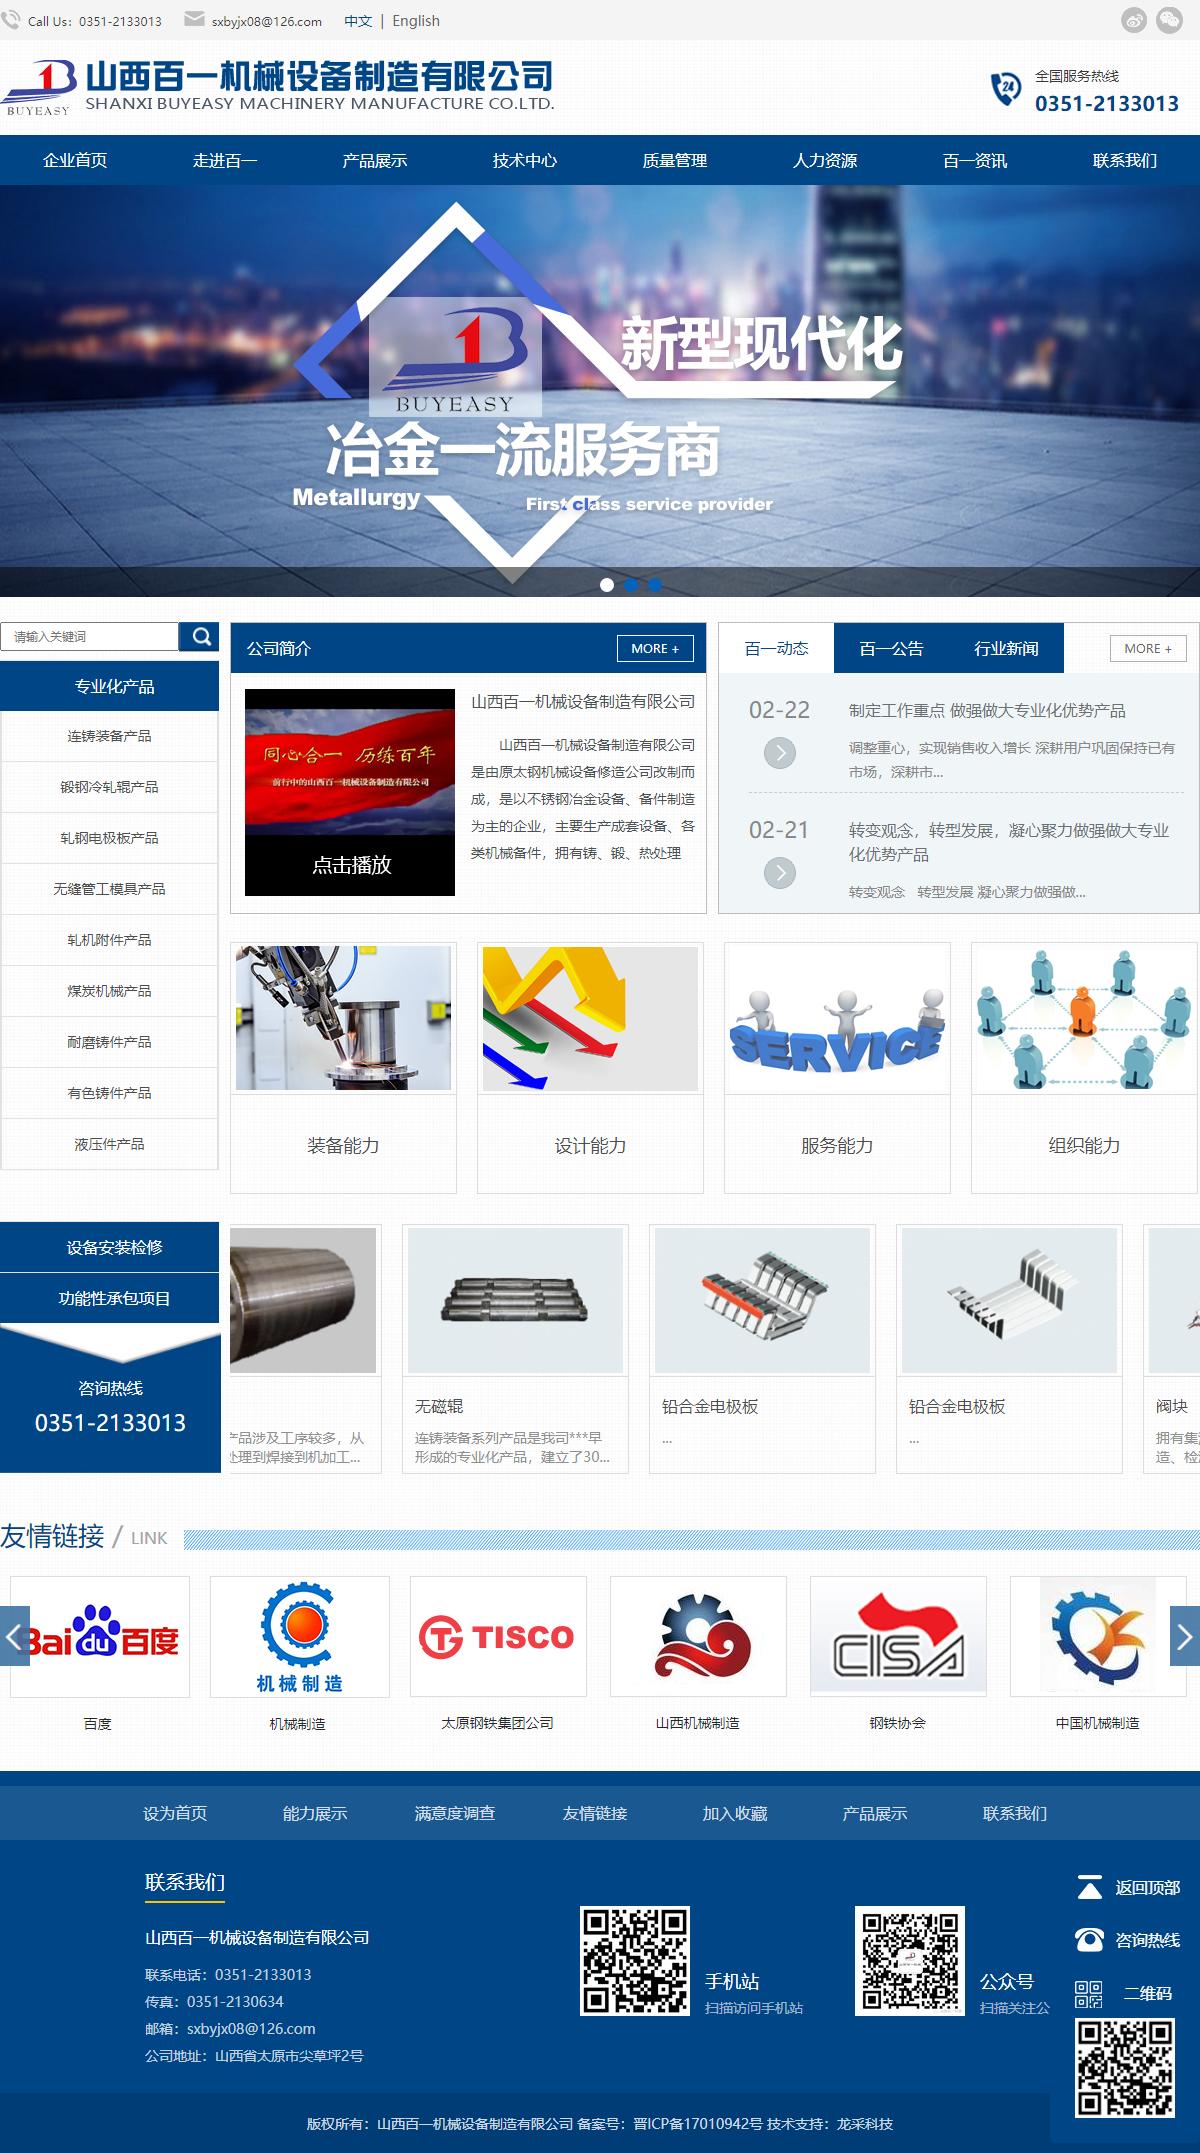 山西百一机械设备制造有限公司网站案例